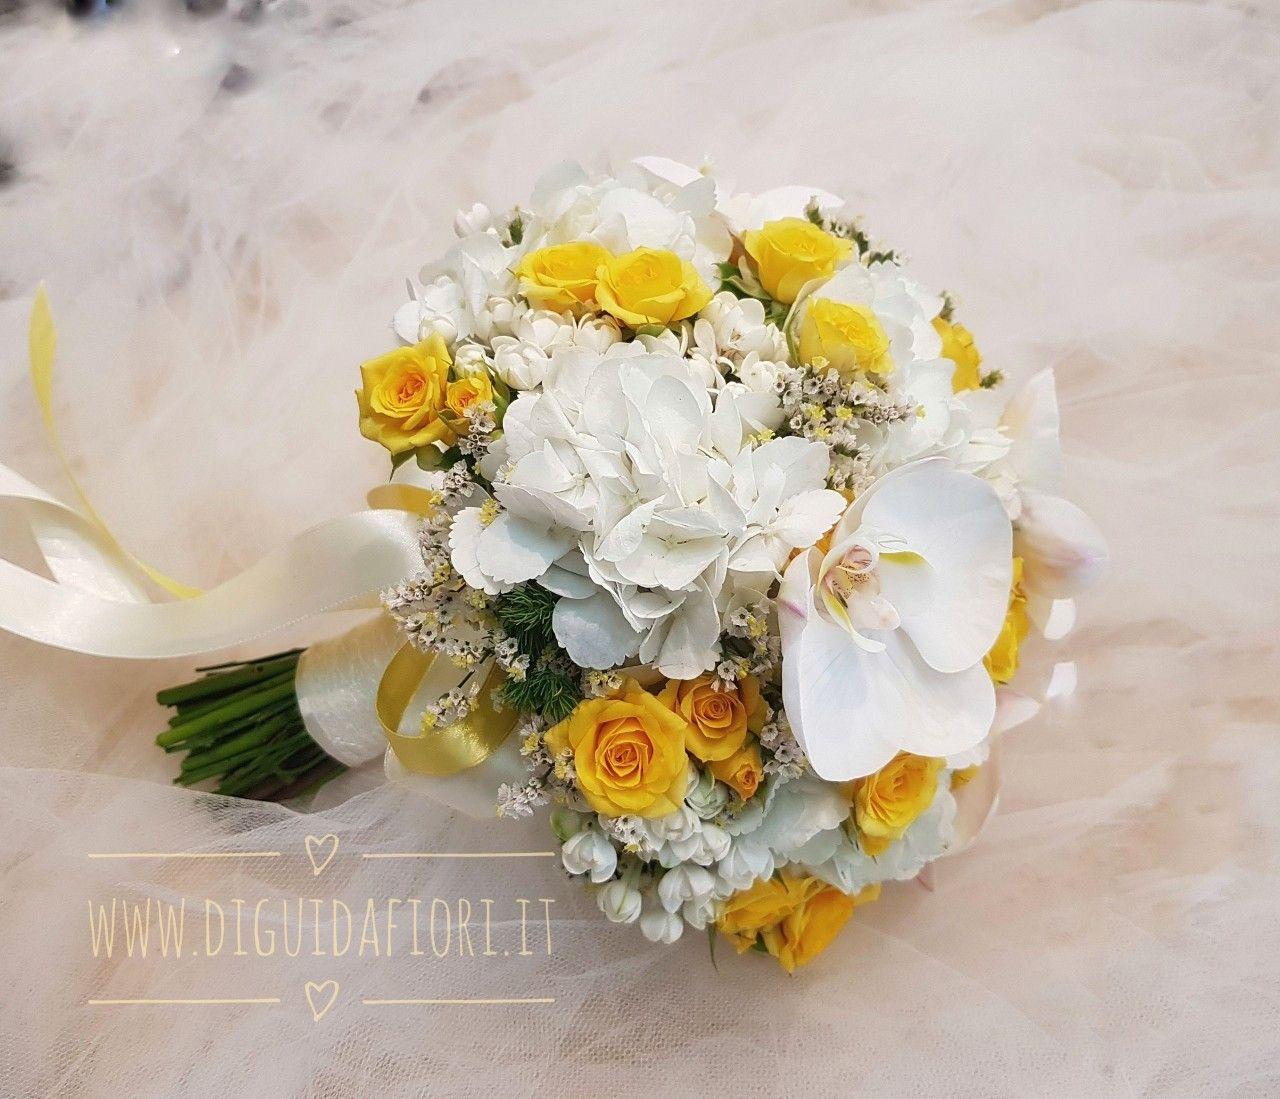 Bouquet Sposa Bianco E Giallo.Bouquet Da Sposa Bianco E Giallo Con Immagini Bouquet Mazzi